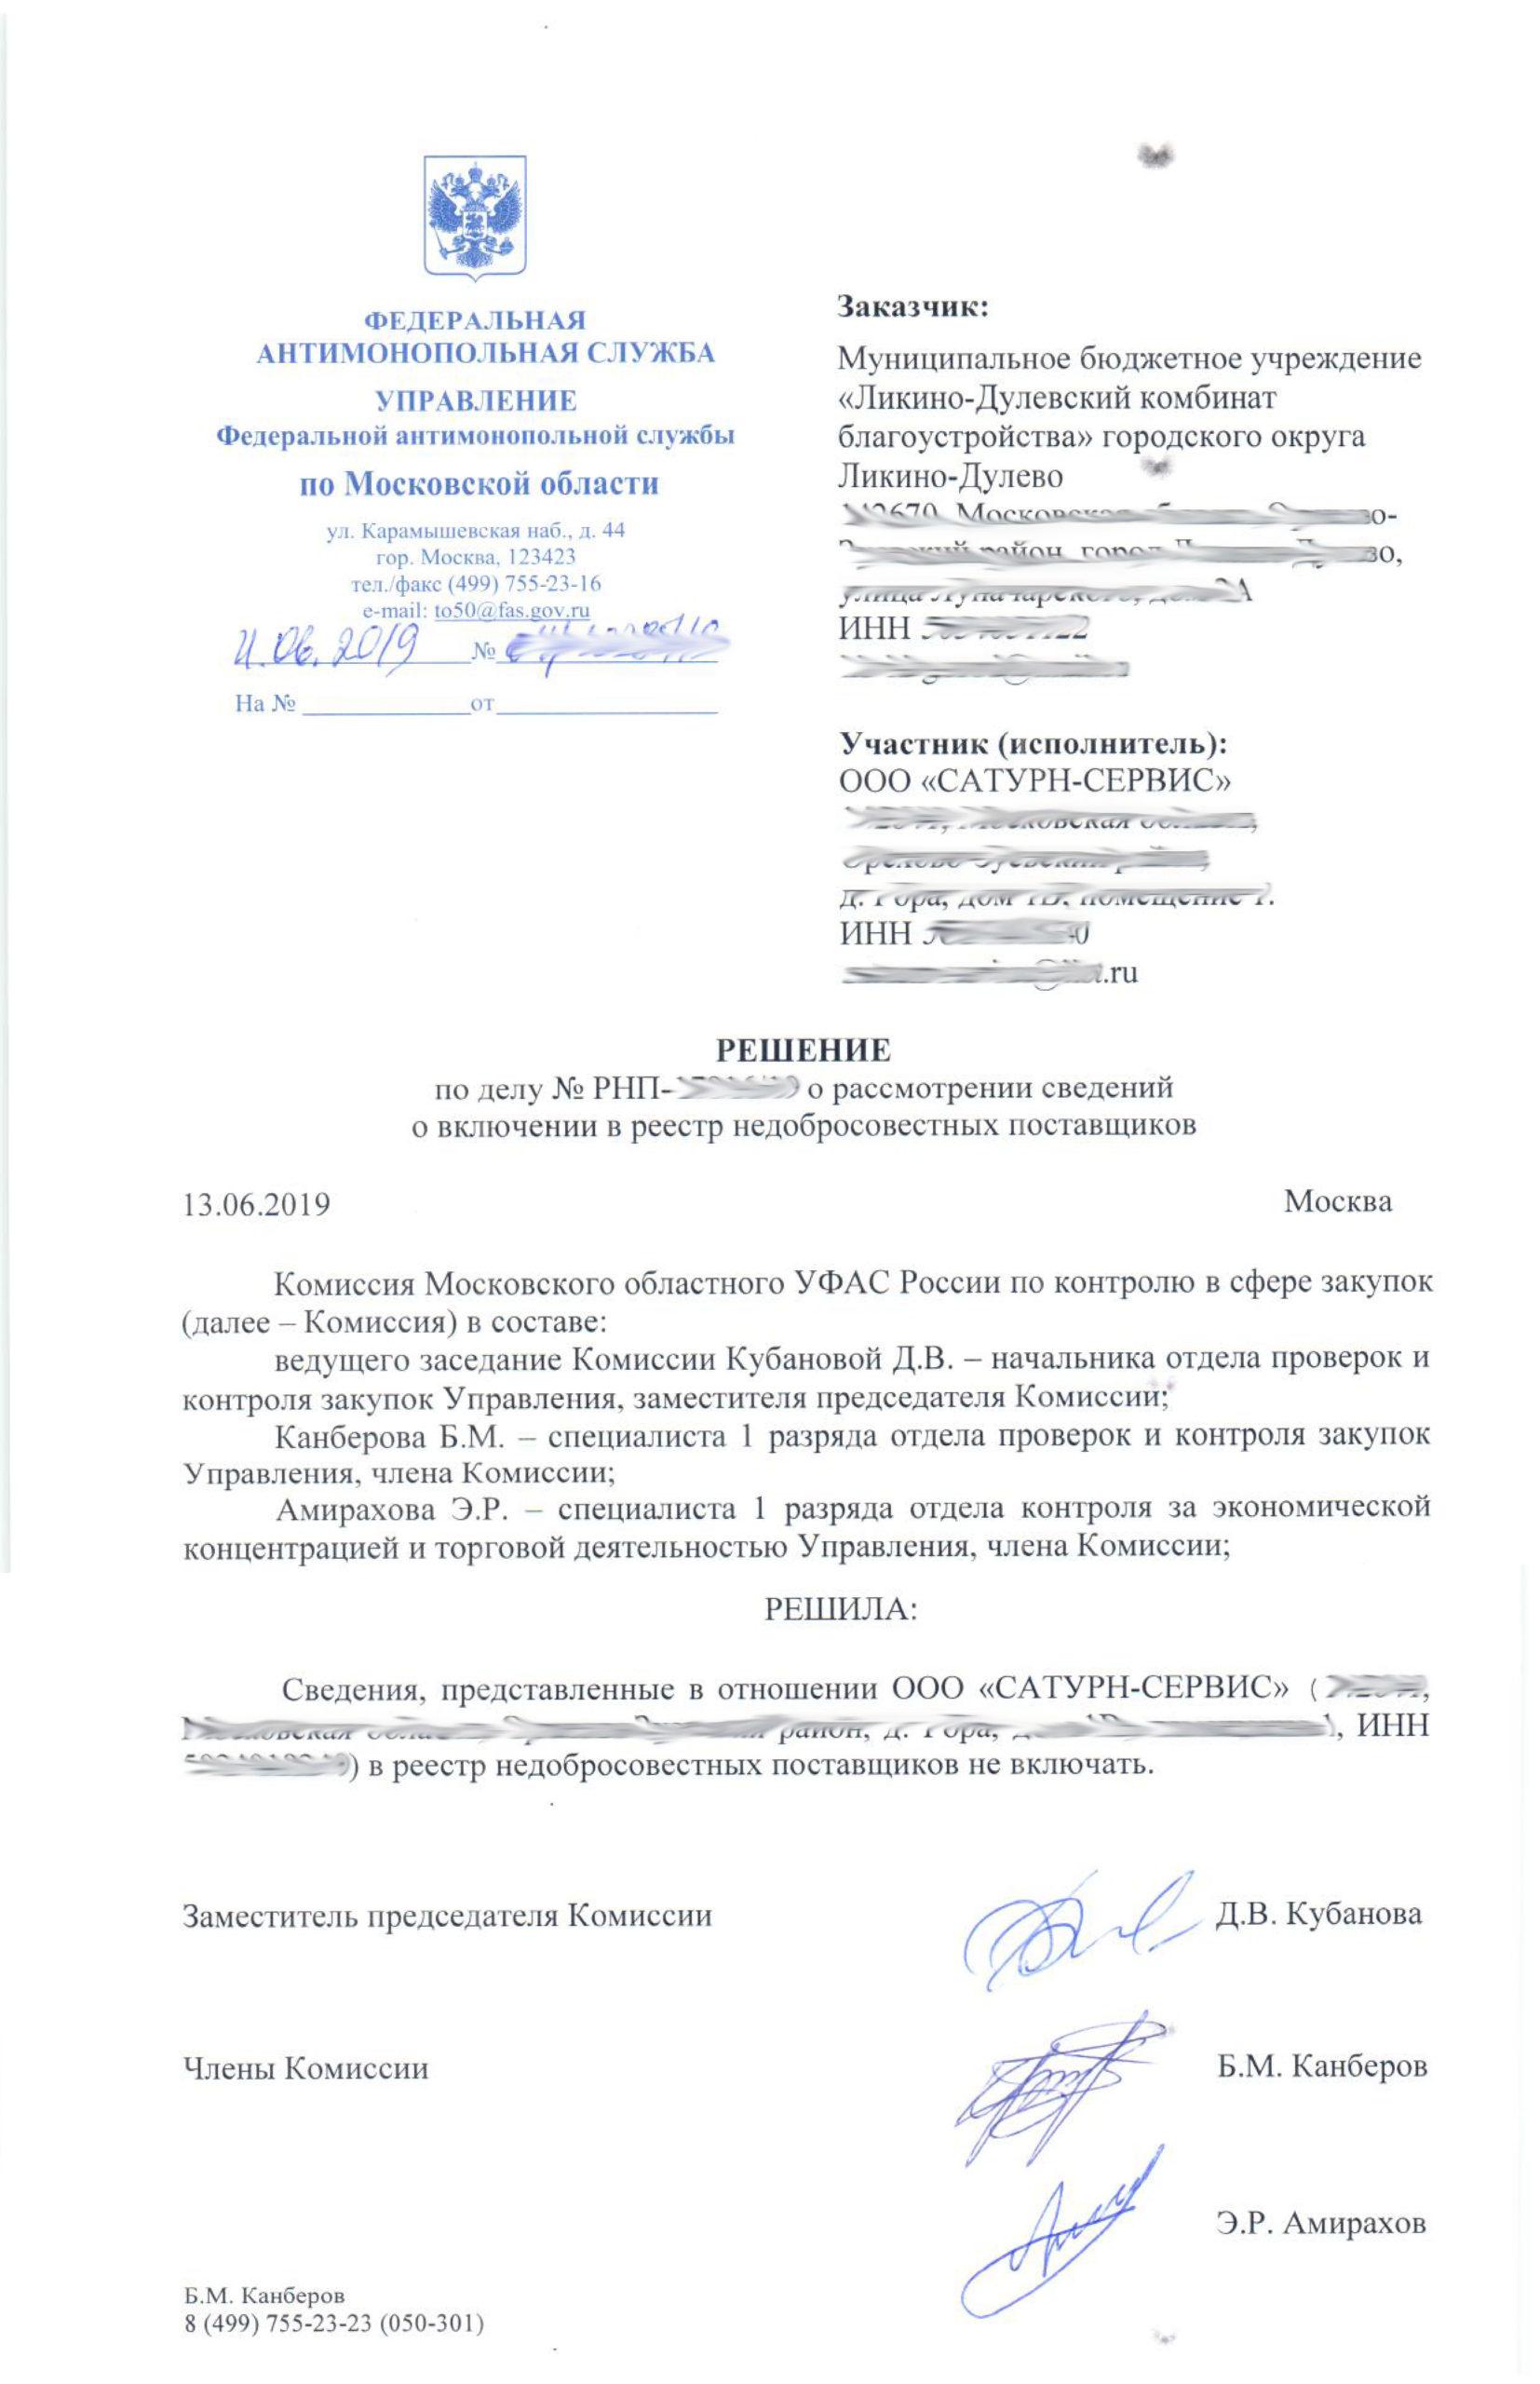 Уфас Московской области Сатурн-Сервис